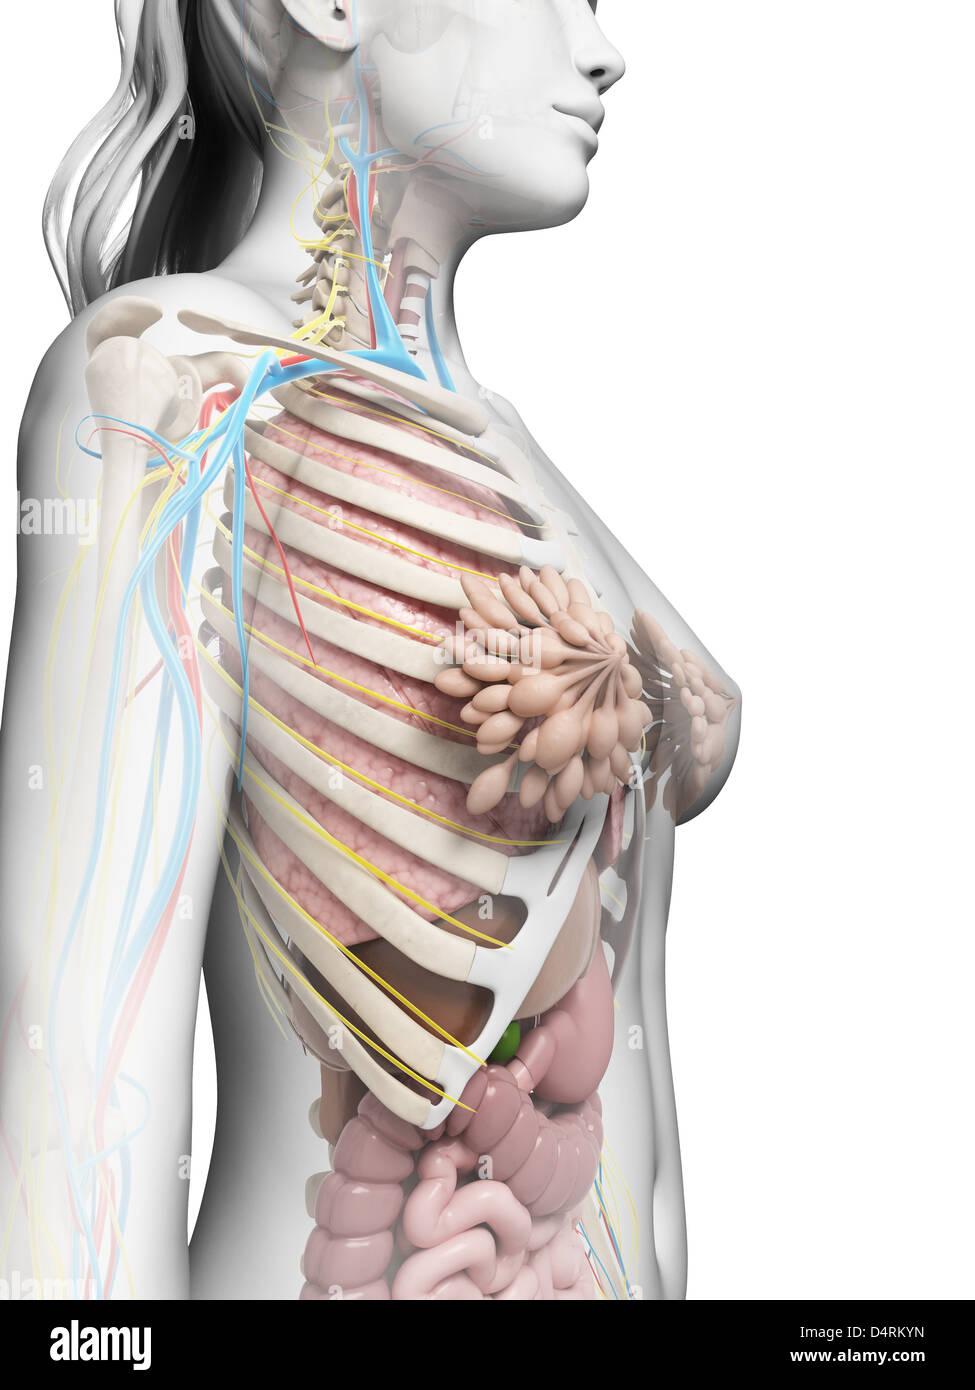 Groß Weibliche Anatomie Arm Fotos - Menschliche Anatomie Bilder ...